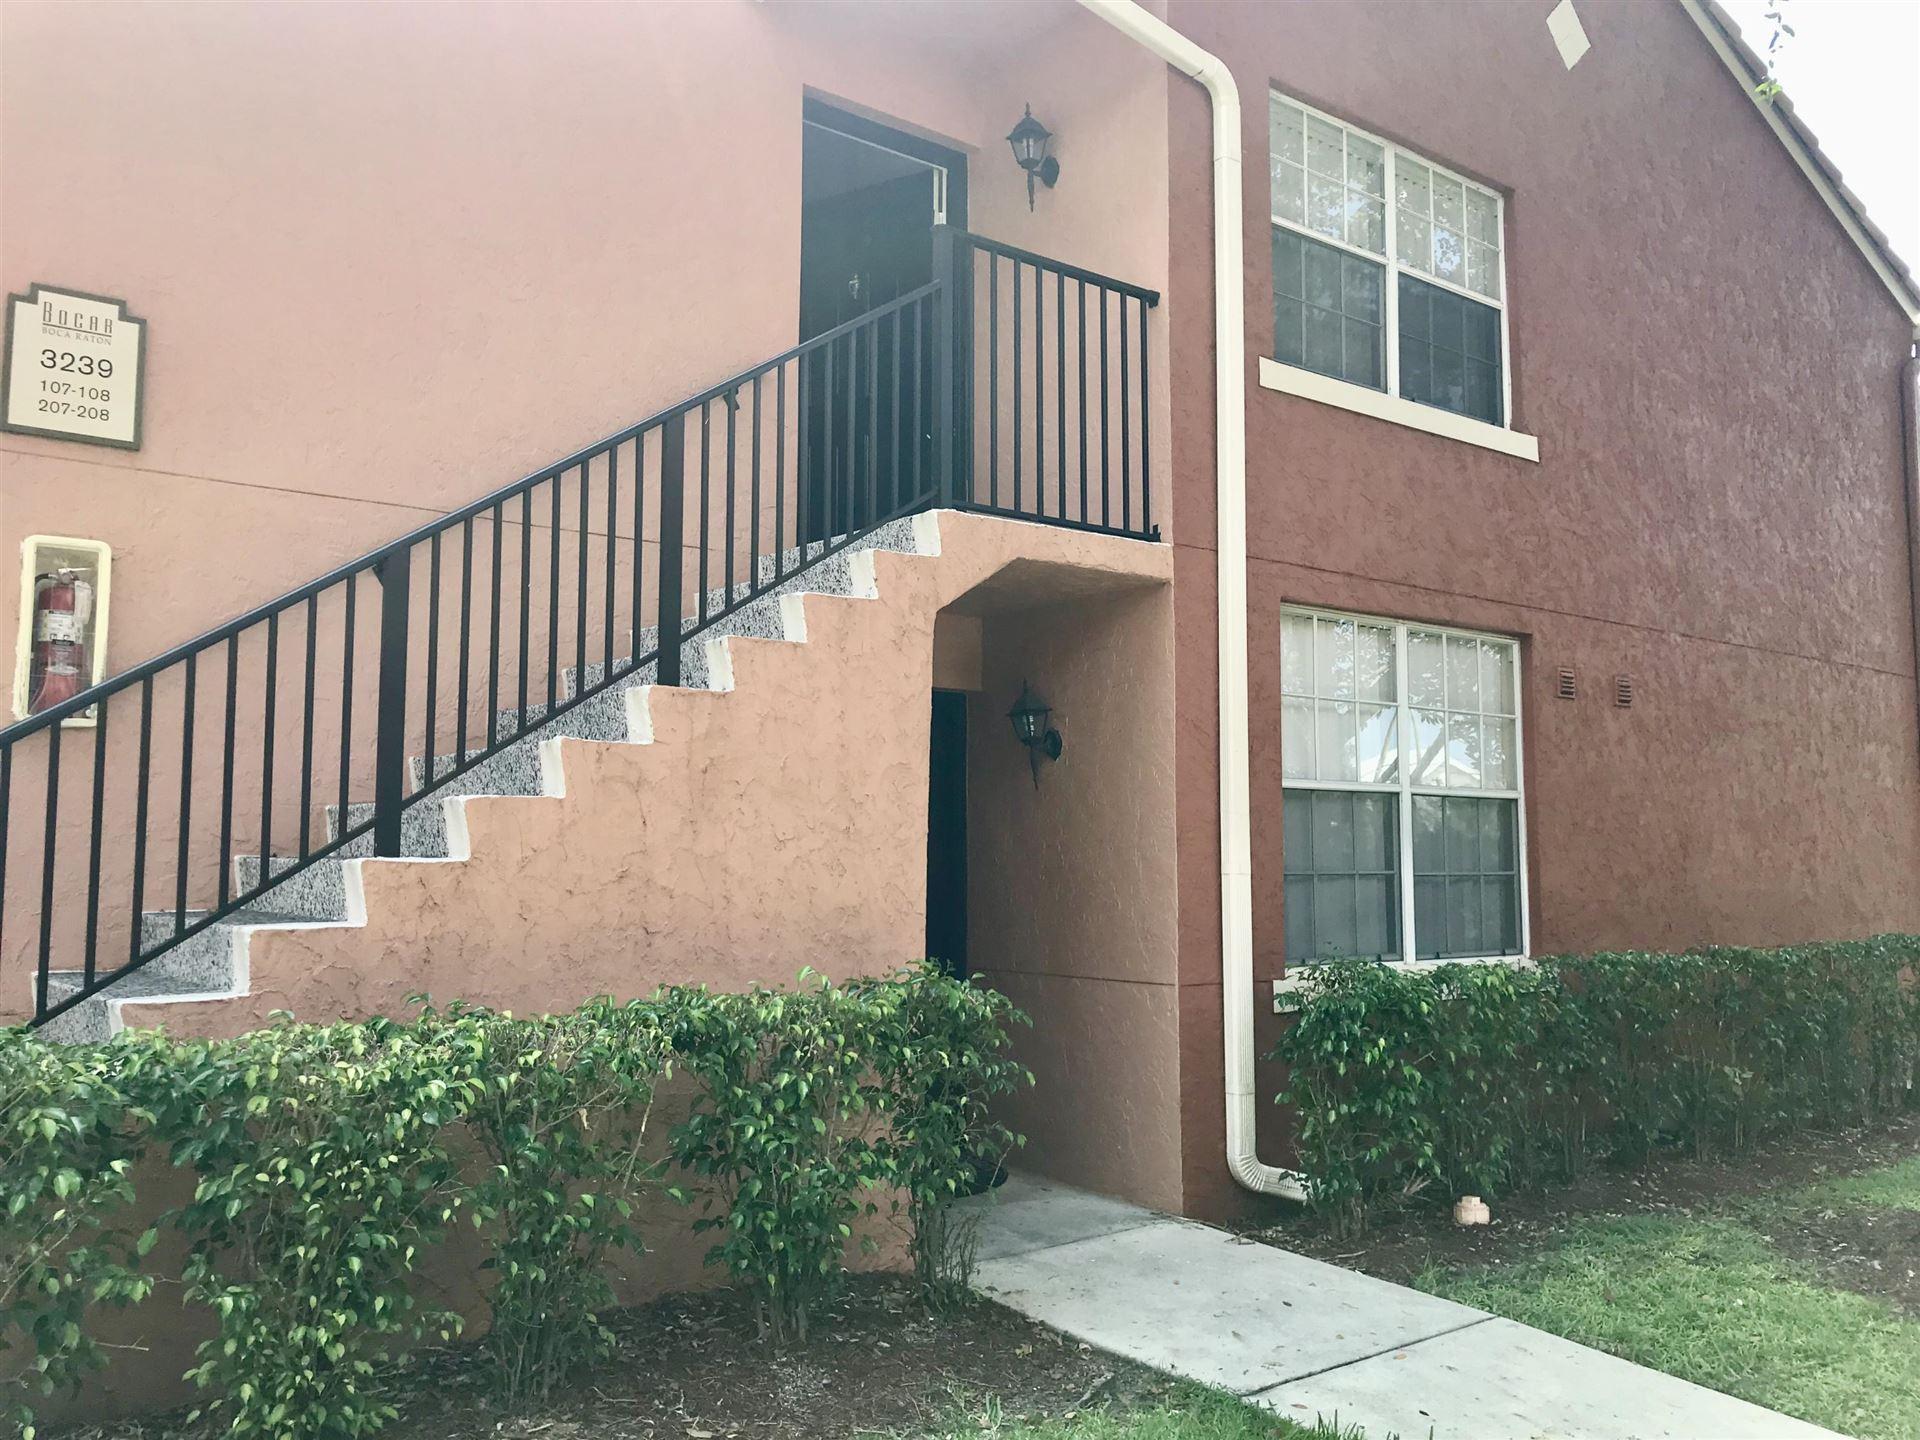 3151 Clint Moore Road #107, Boca Raton, FL 33496 - #: RX-10641171